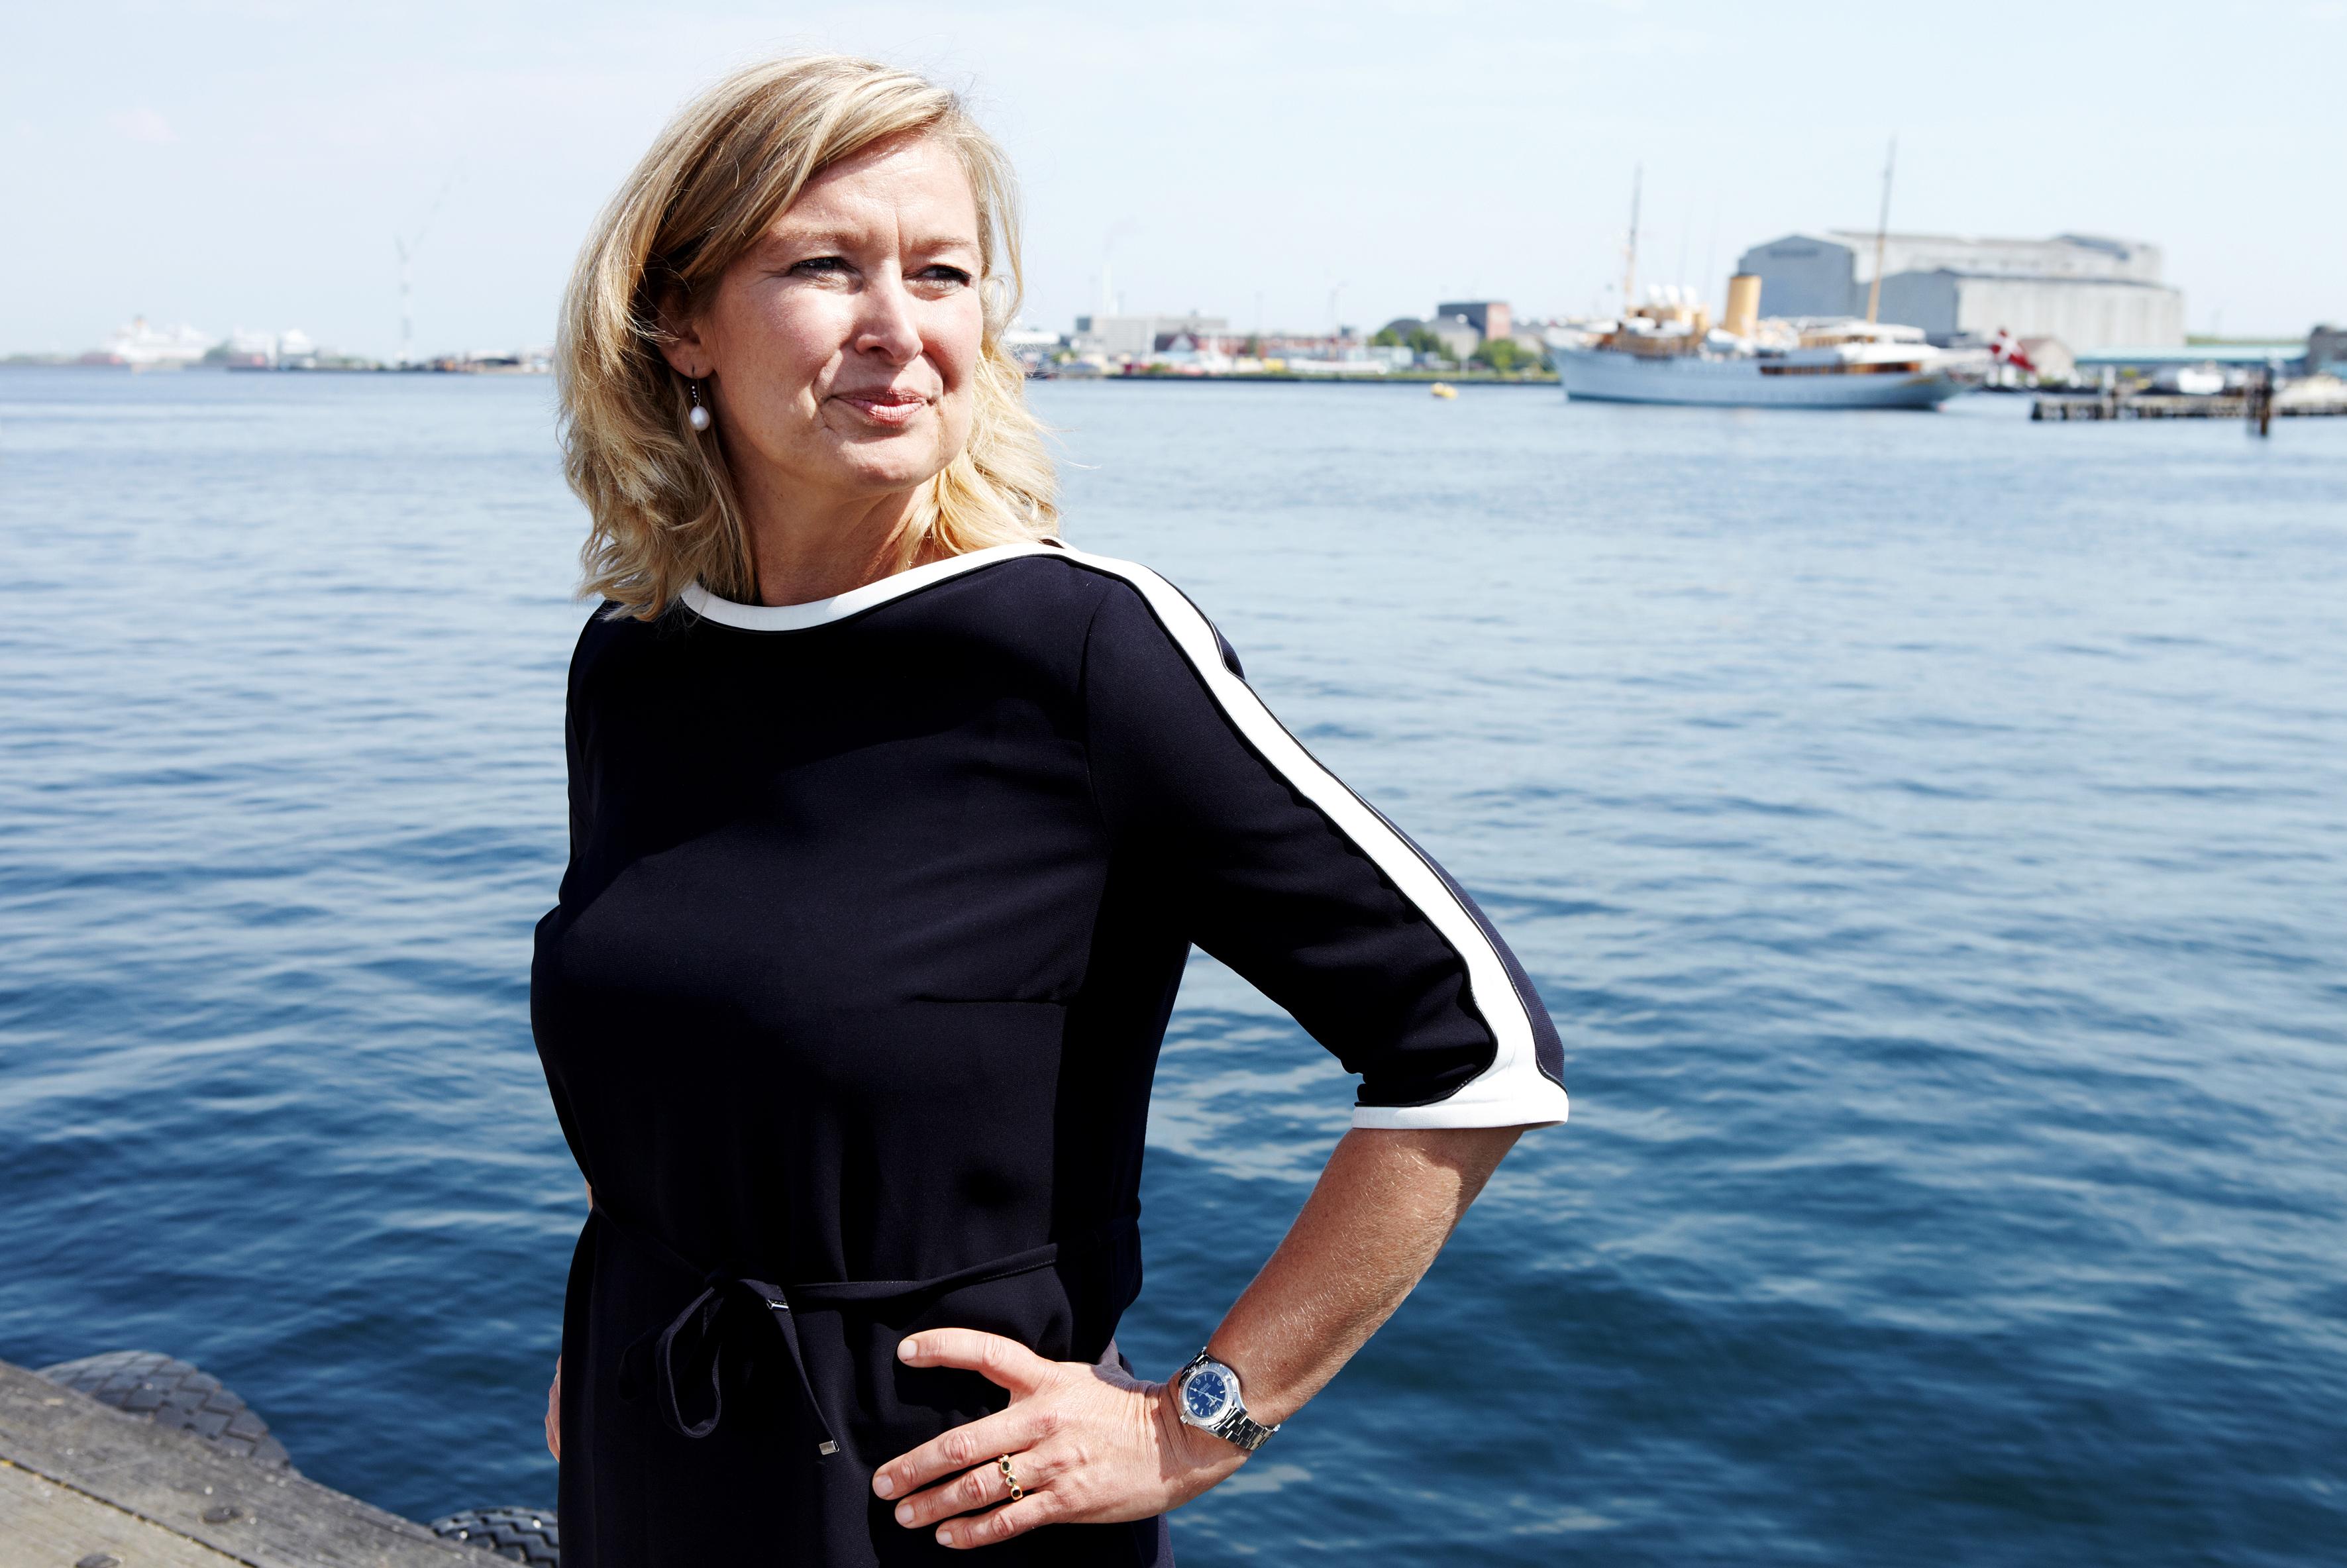 Danmark har brug for kapitalfonde – som én ejerskabsform blandt mange